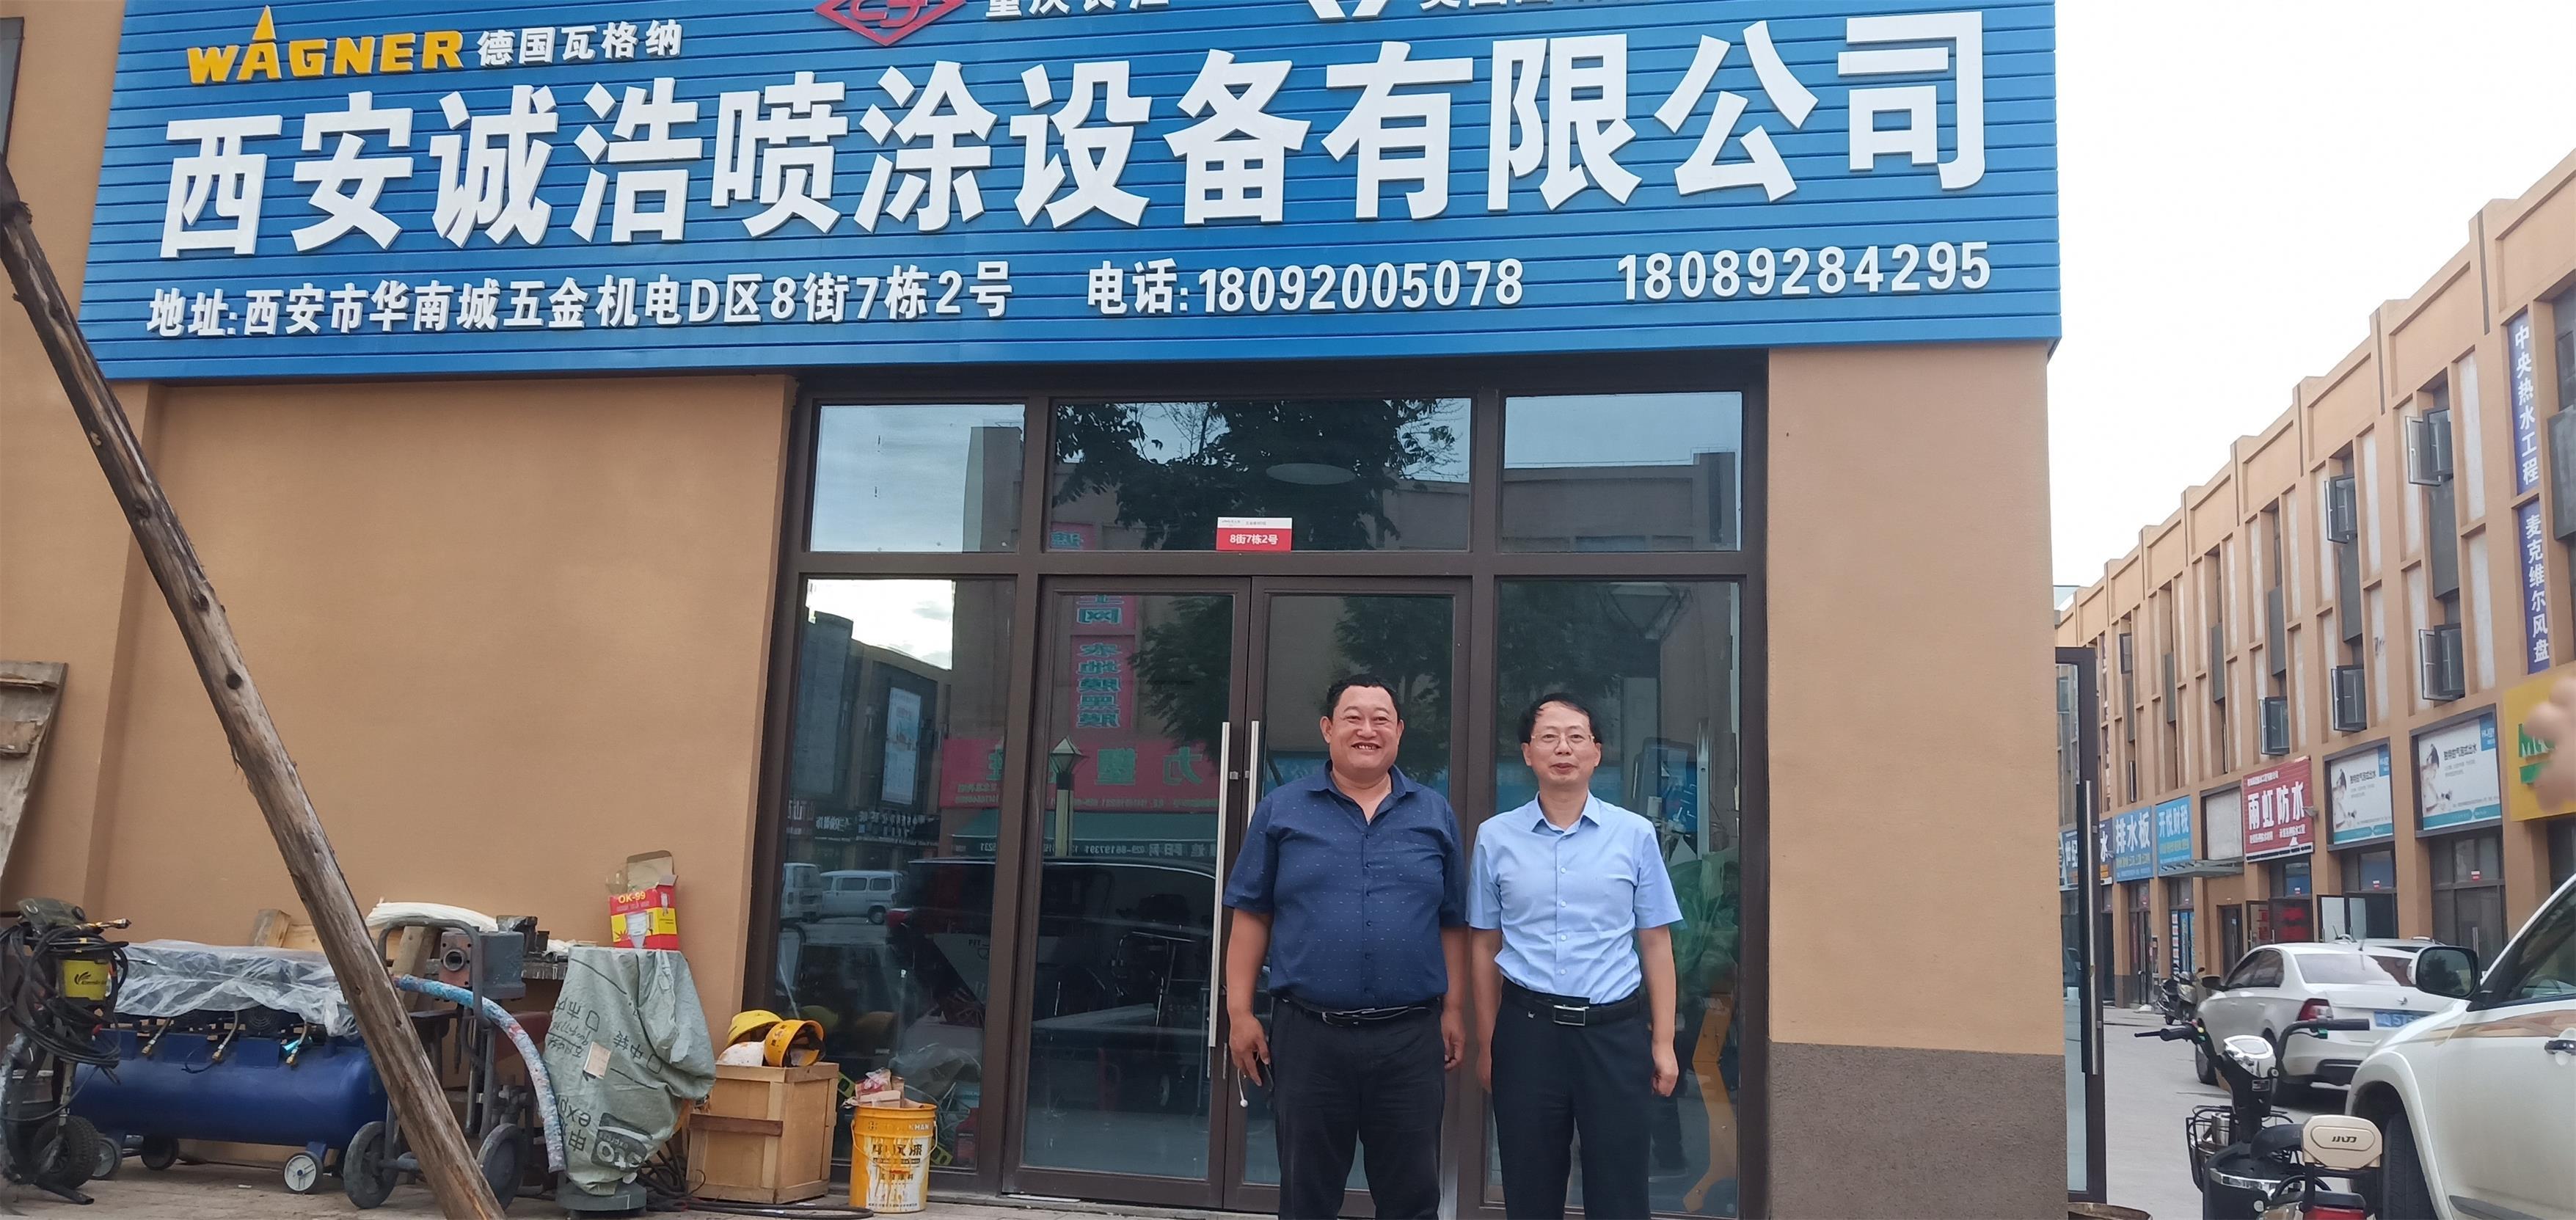 长江科技有限公司石安涛董事长来我公司参观交流